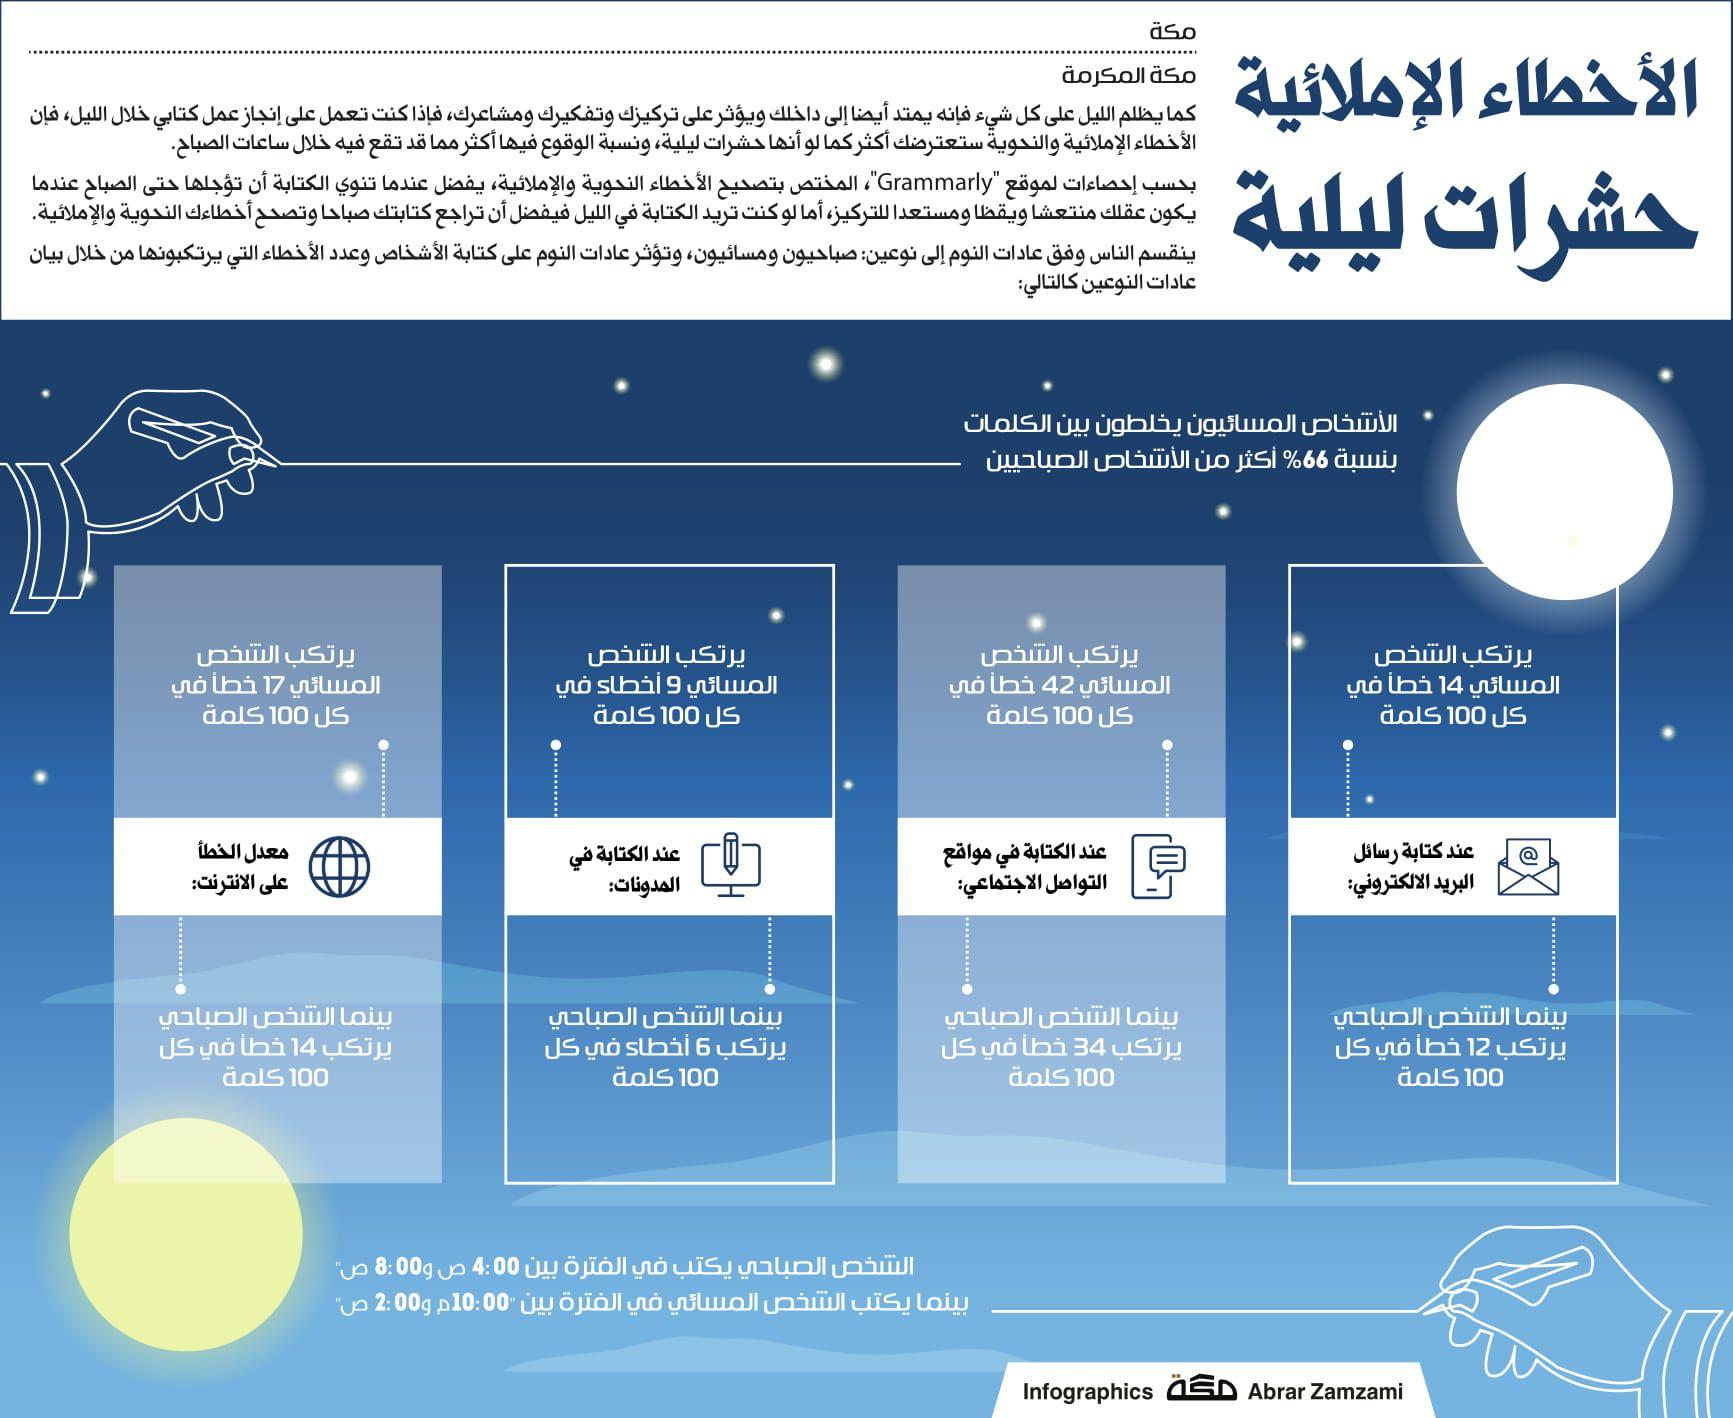 الأخطاء الإملائية حشرات ليلية صحيفة مكة انفوجرافيك قراءة Infographic Weather Screenshot Weather